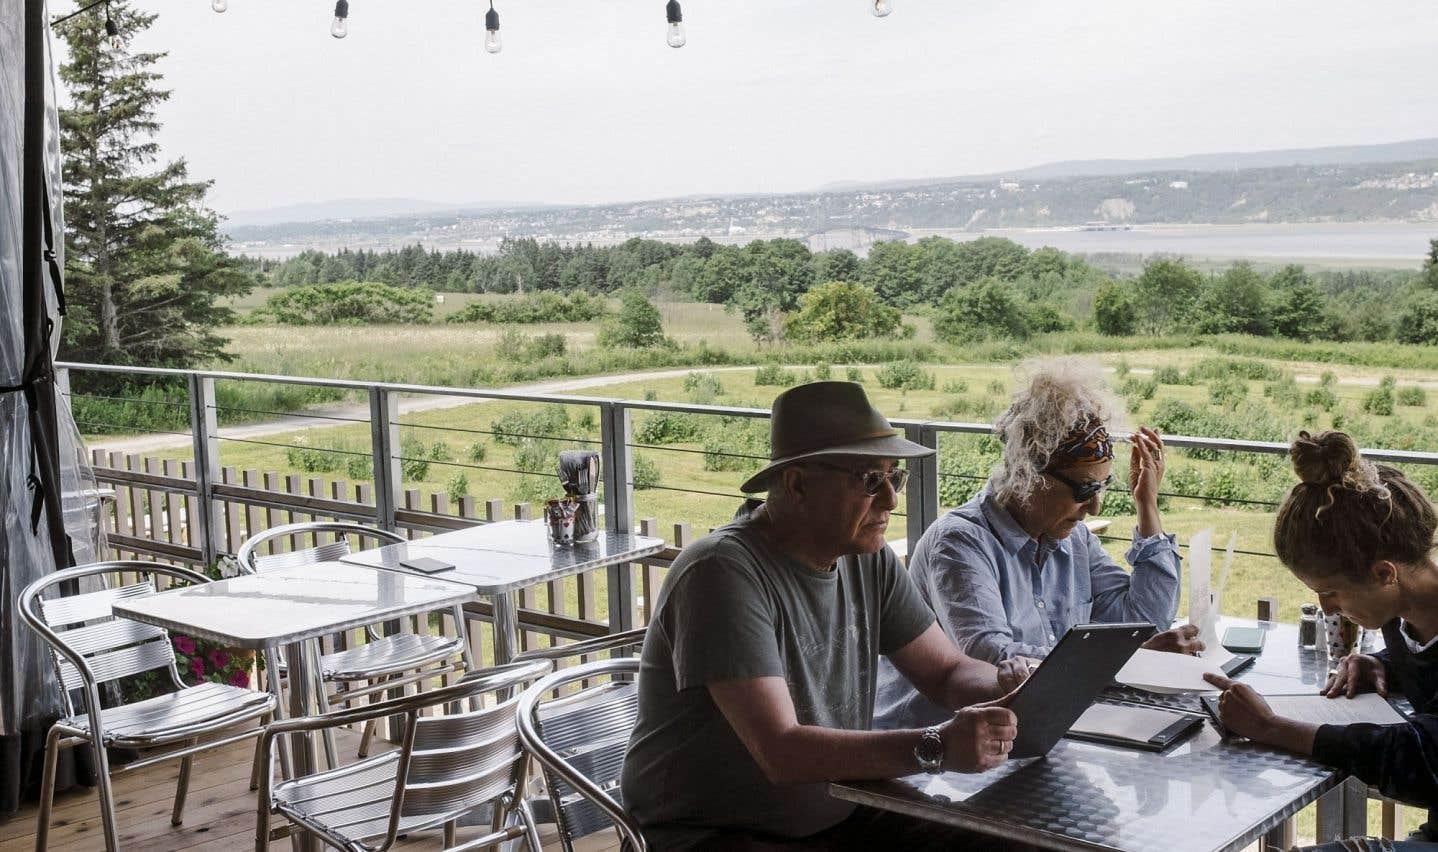 Sur la terrasse de la Monnaguette, il fait bon siroter les pichets de sangria — au cassis, bien sûr! — en observant le panorama à couper le souffle de l'île d'Orléans.